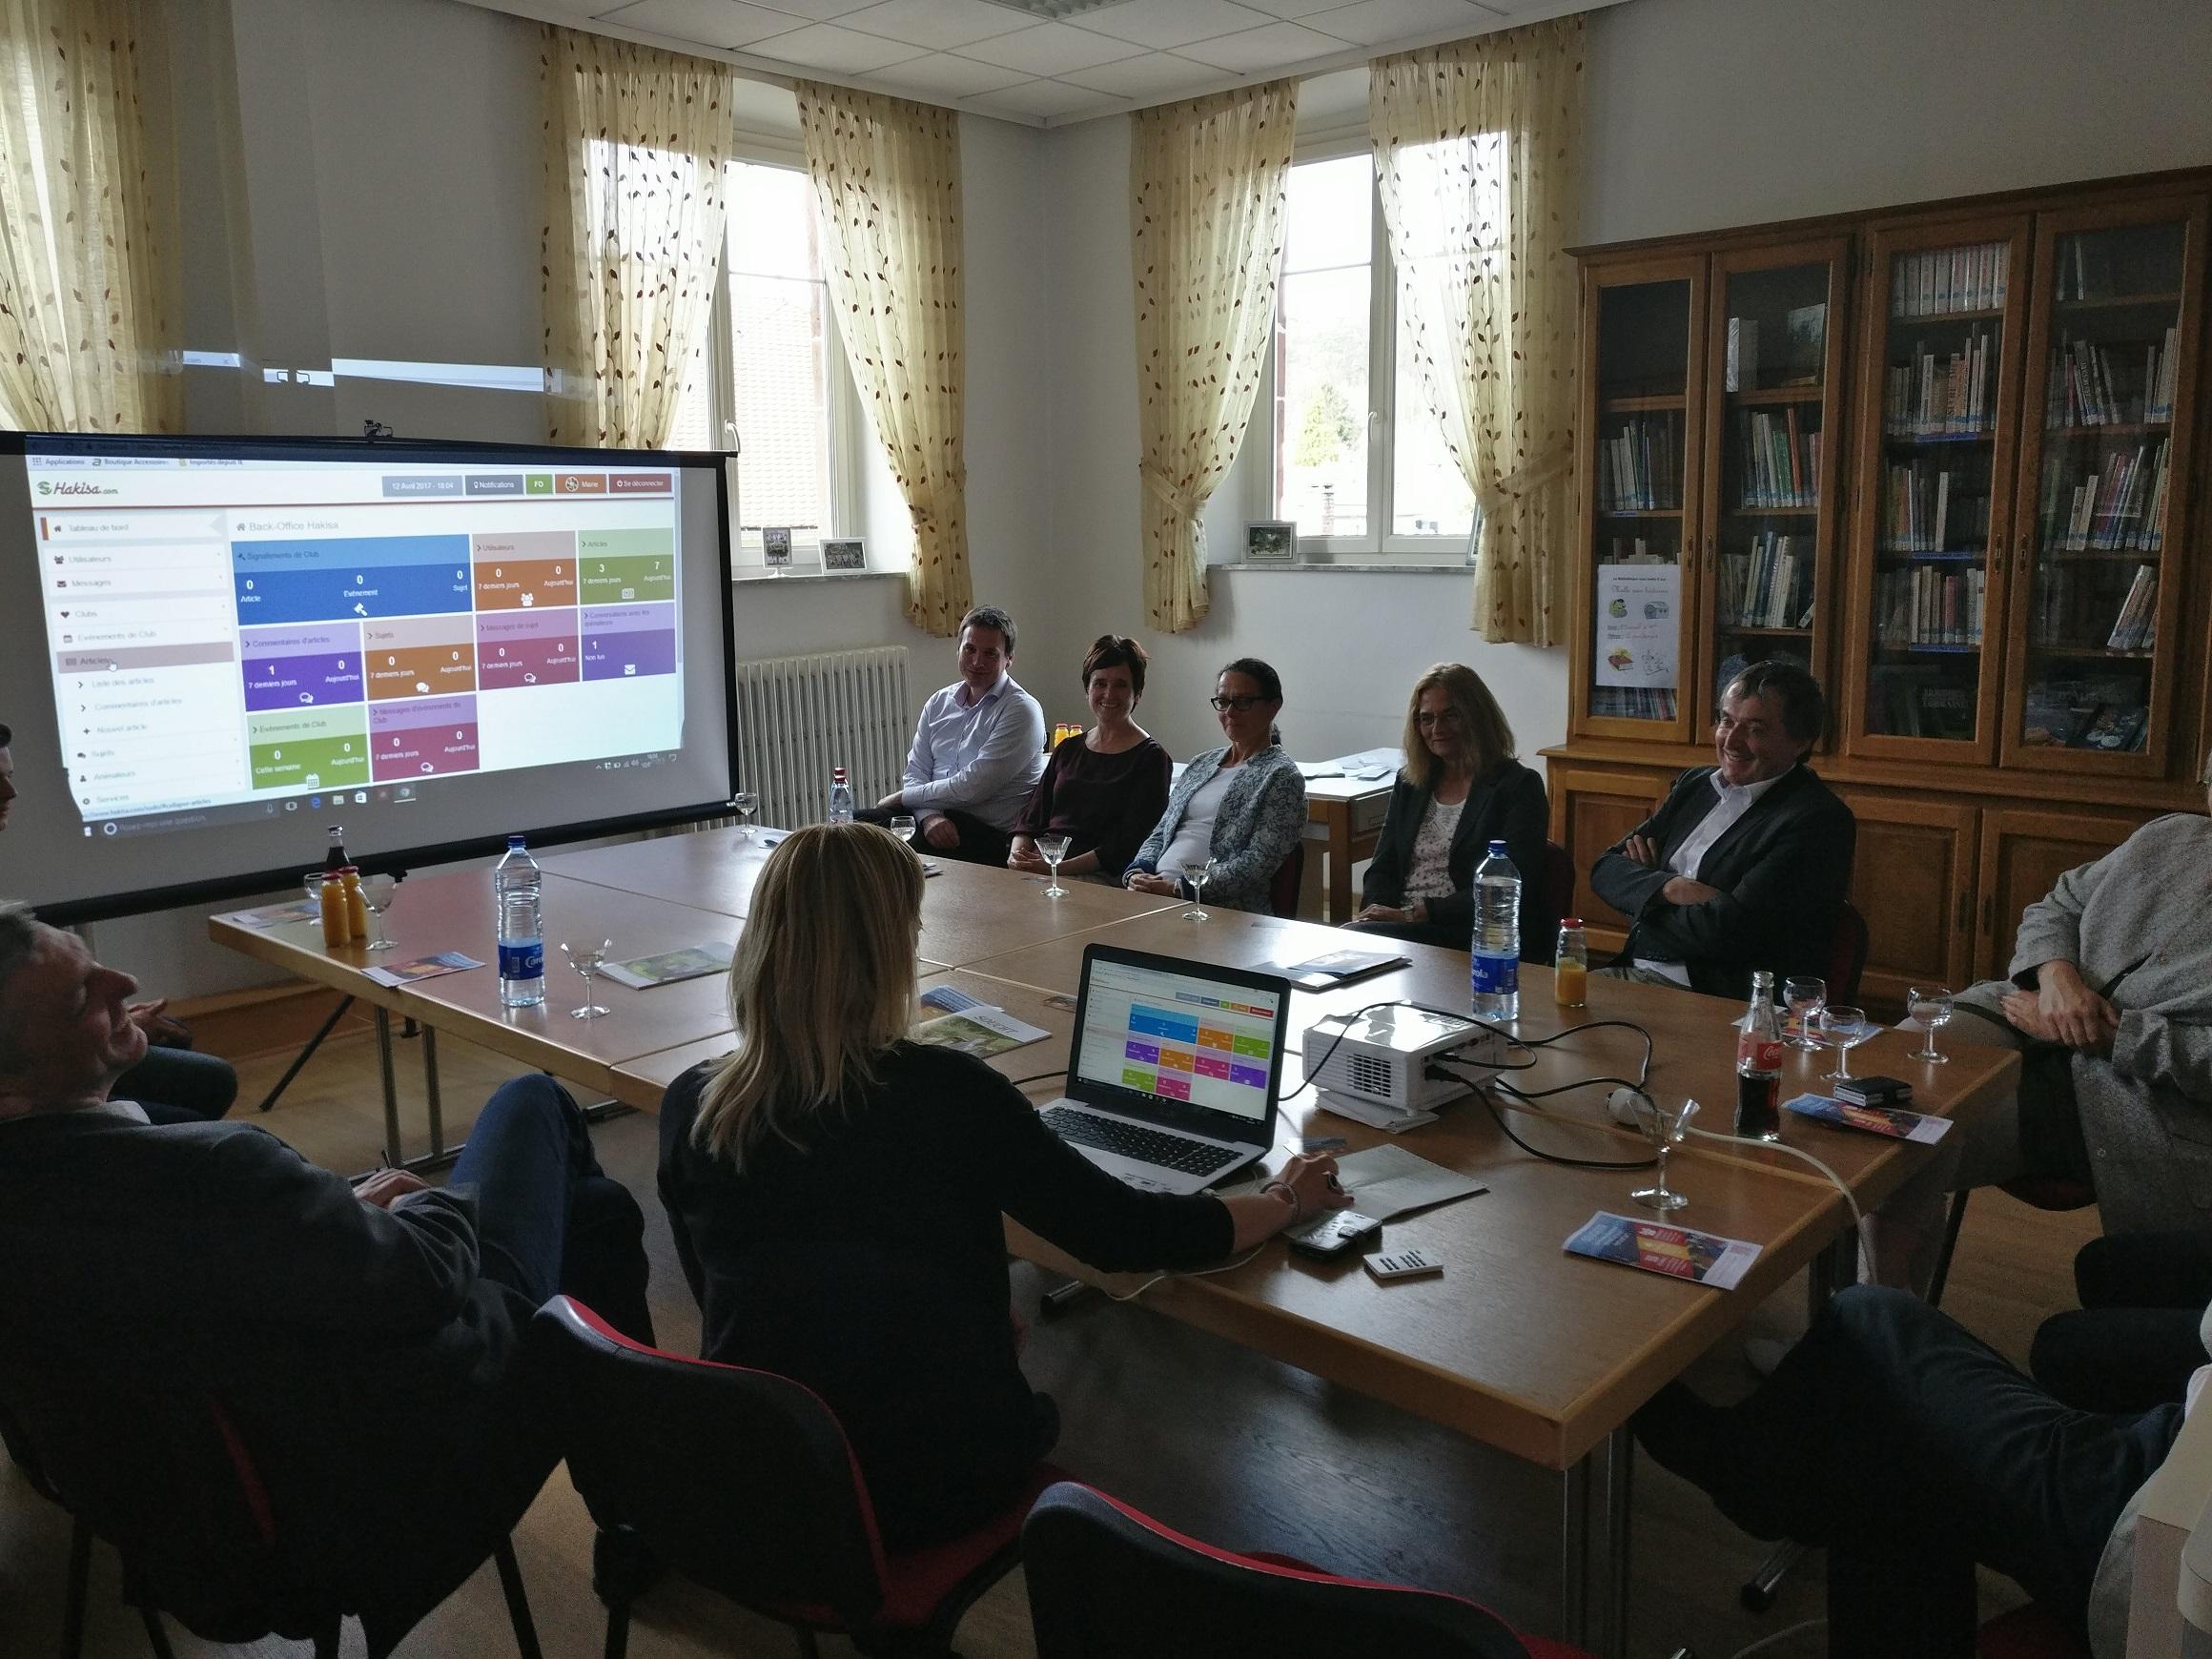 Démonstration de l'espace numérique de la commune de Soucht